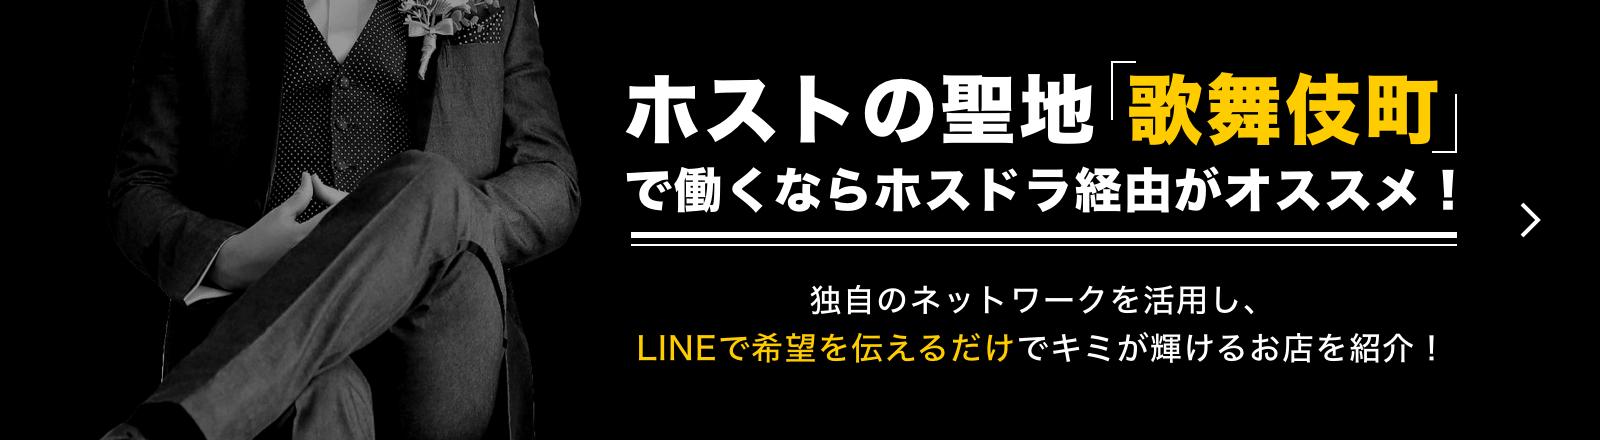 ホストの聖地 歌舞伎町で働くならホスドラ経由がオススメ!